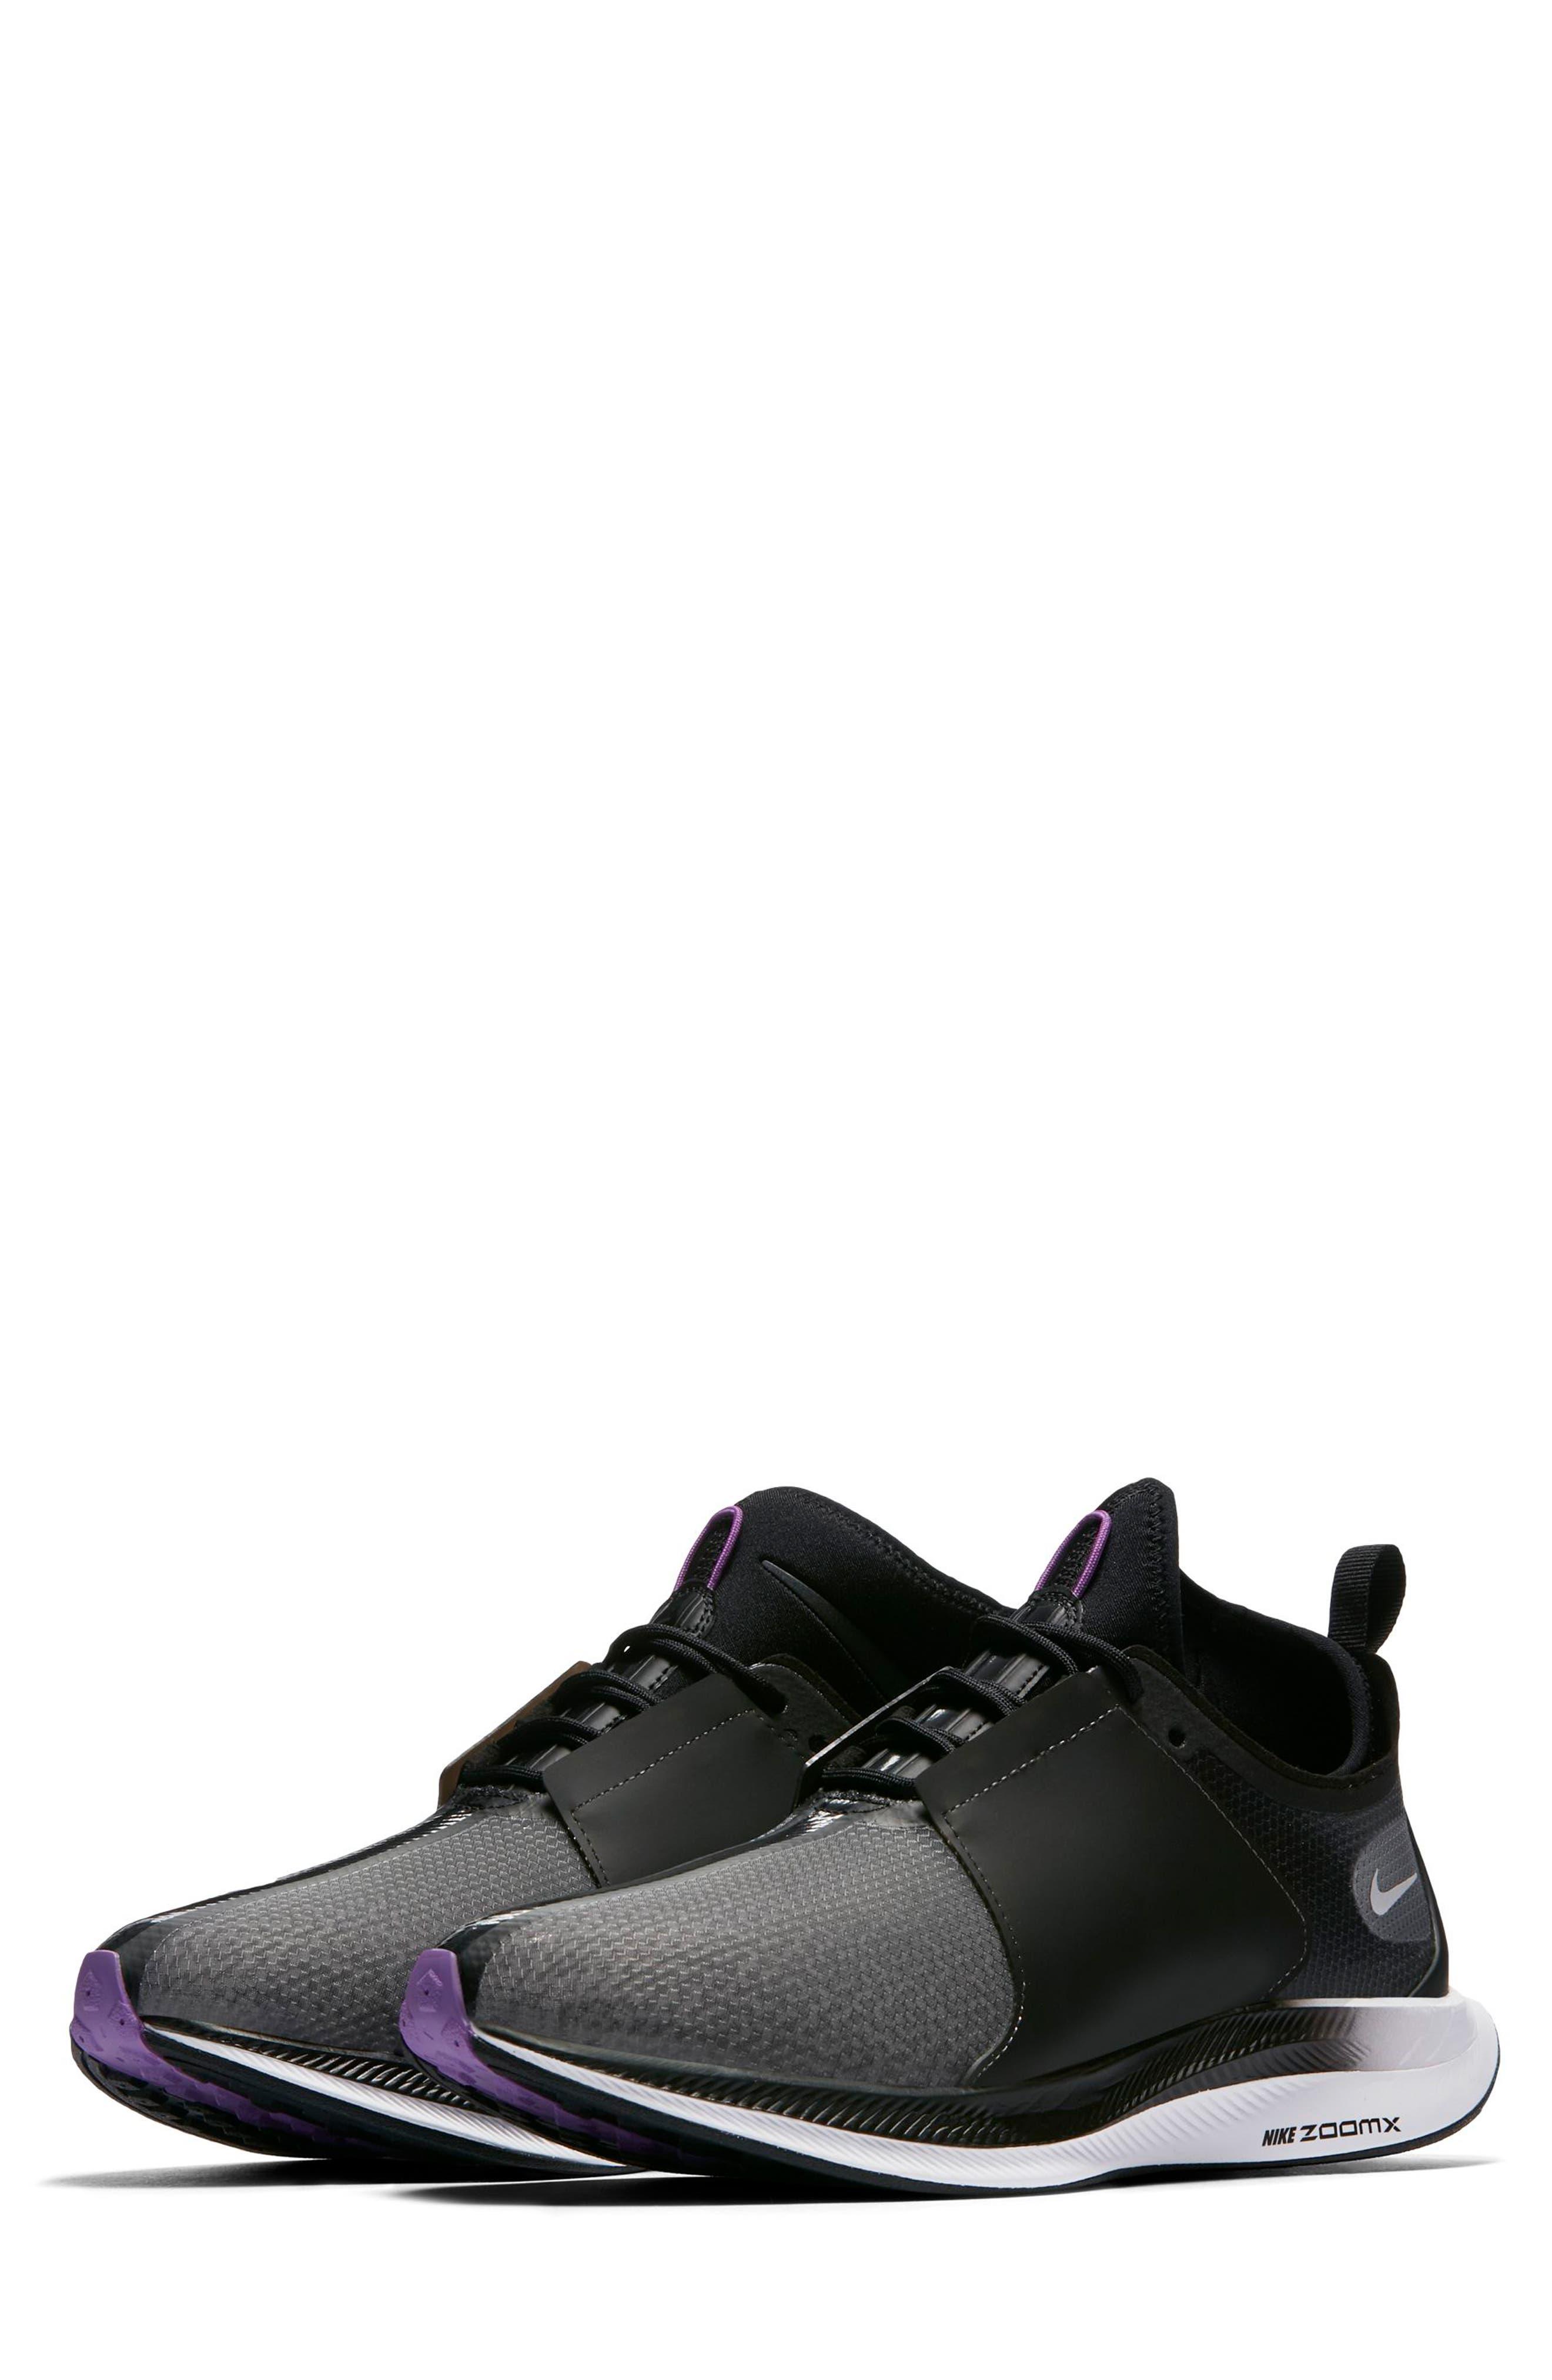 Zoom Pegasus Turbo XX Running Shoe,                             Main thumbnail 1, color,                             BLACK/ BLACK/ WHITE